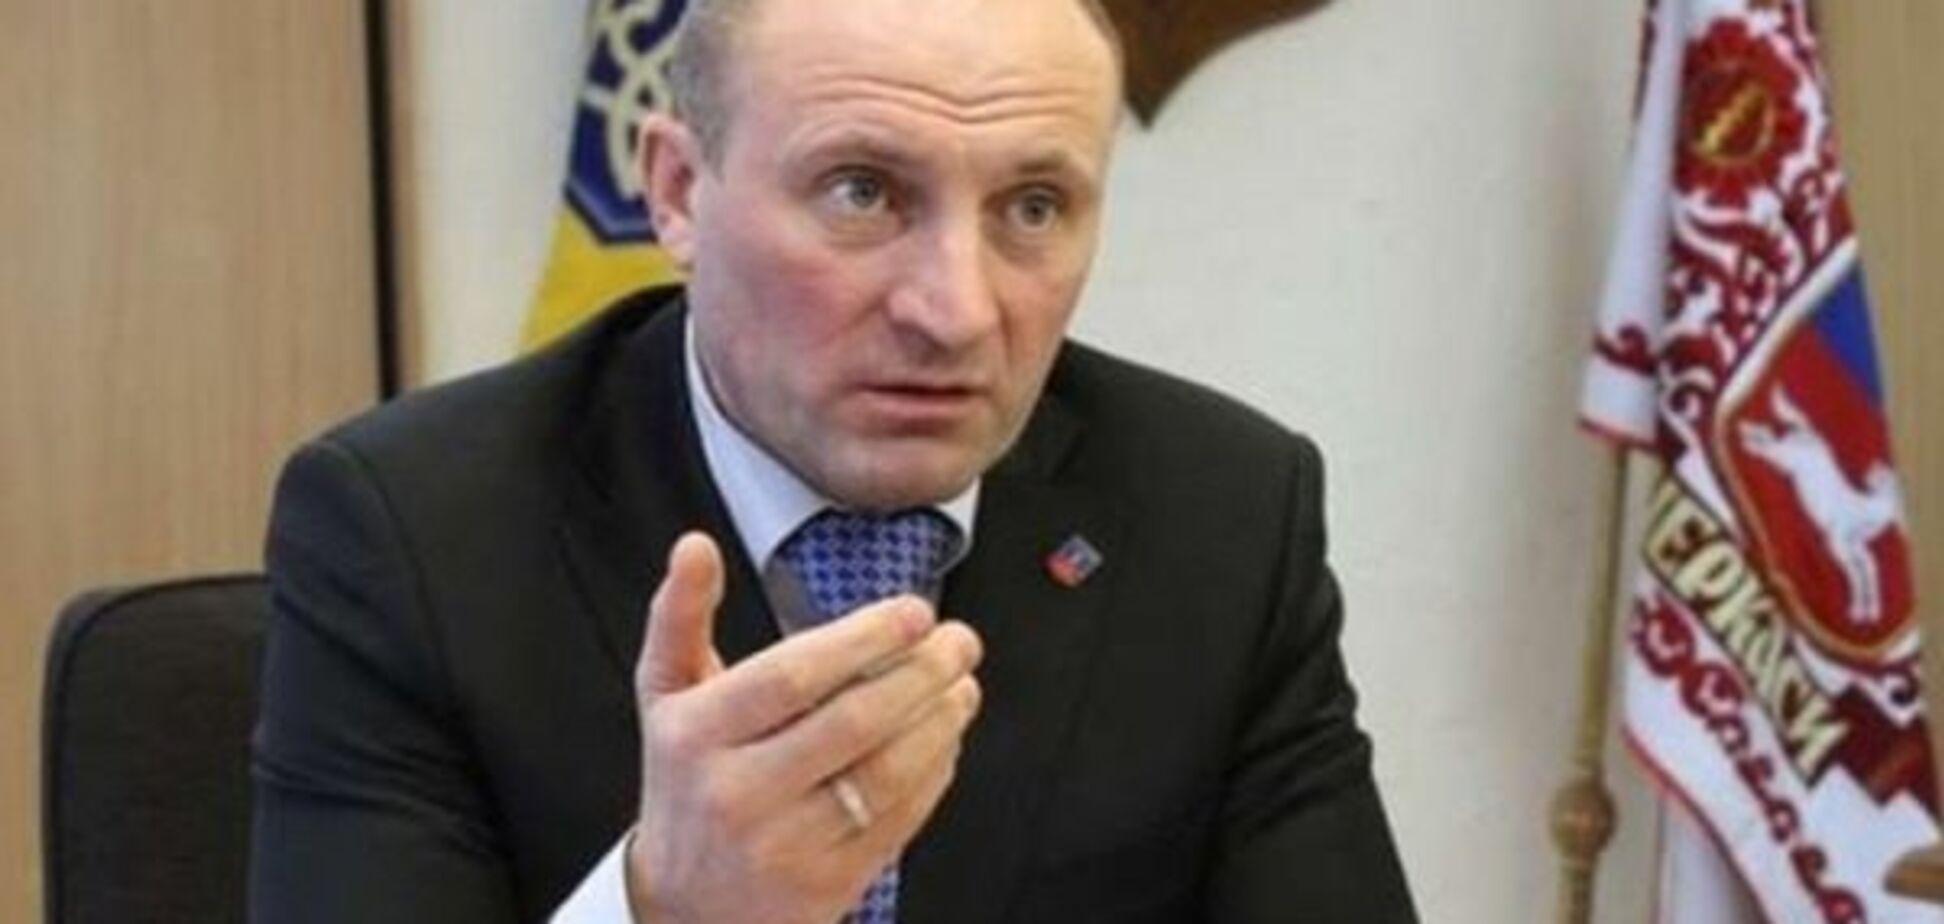 Бондаренко - в отставку: против мэра Черкасс нашли скандальные доказательства